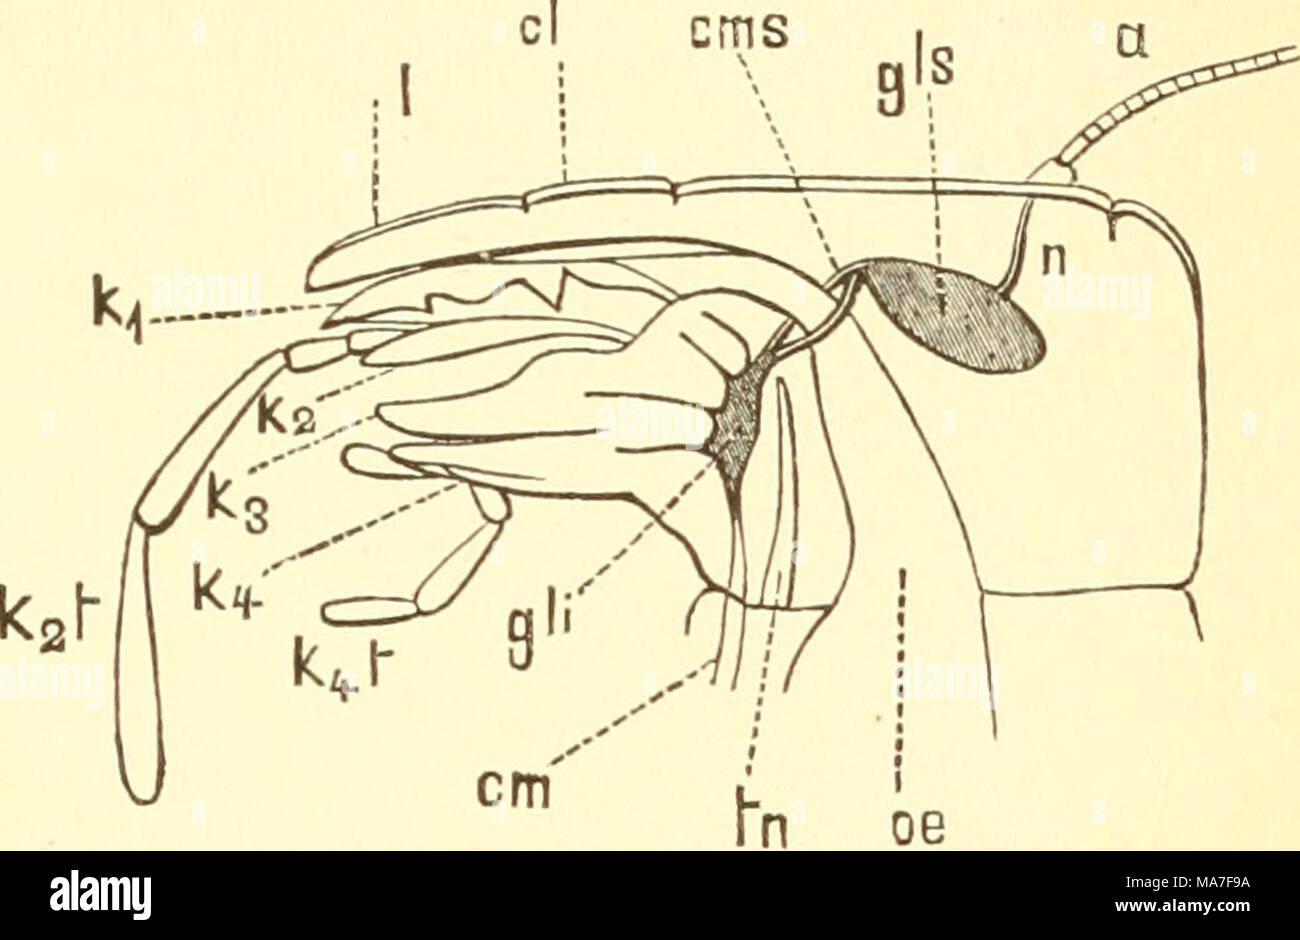 Beste Mund Diagramm Bilder - Anatomie Und Physiologie Knochen Bilder ...